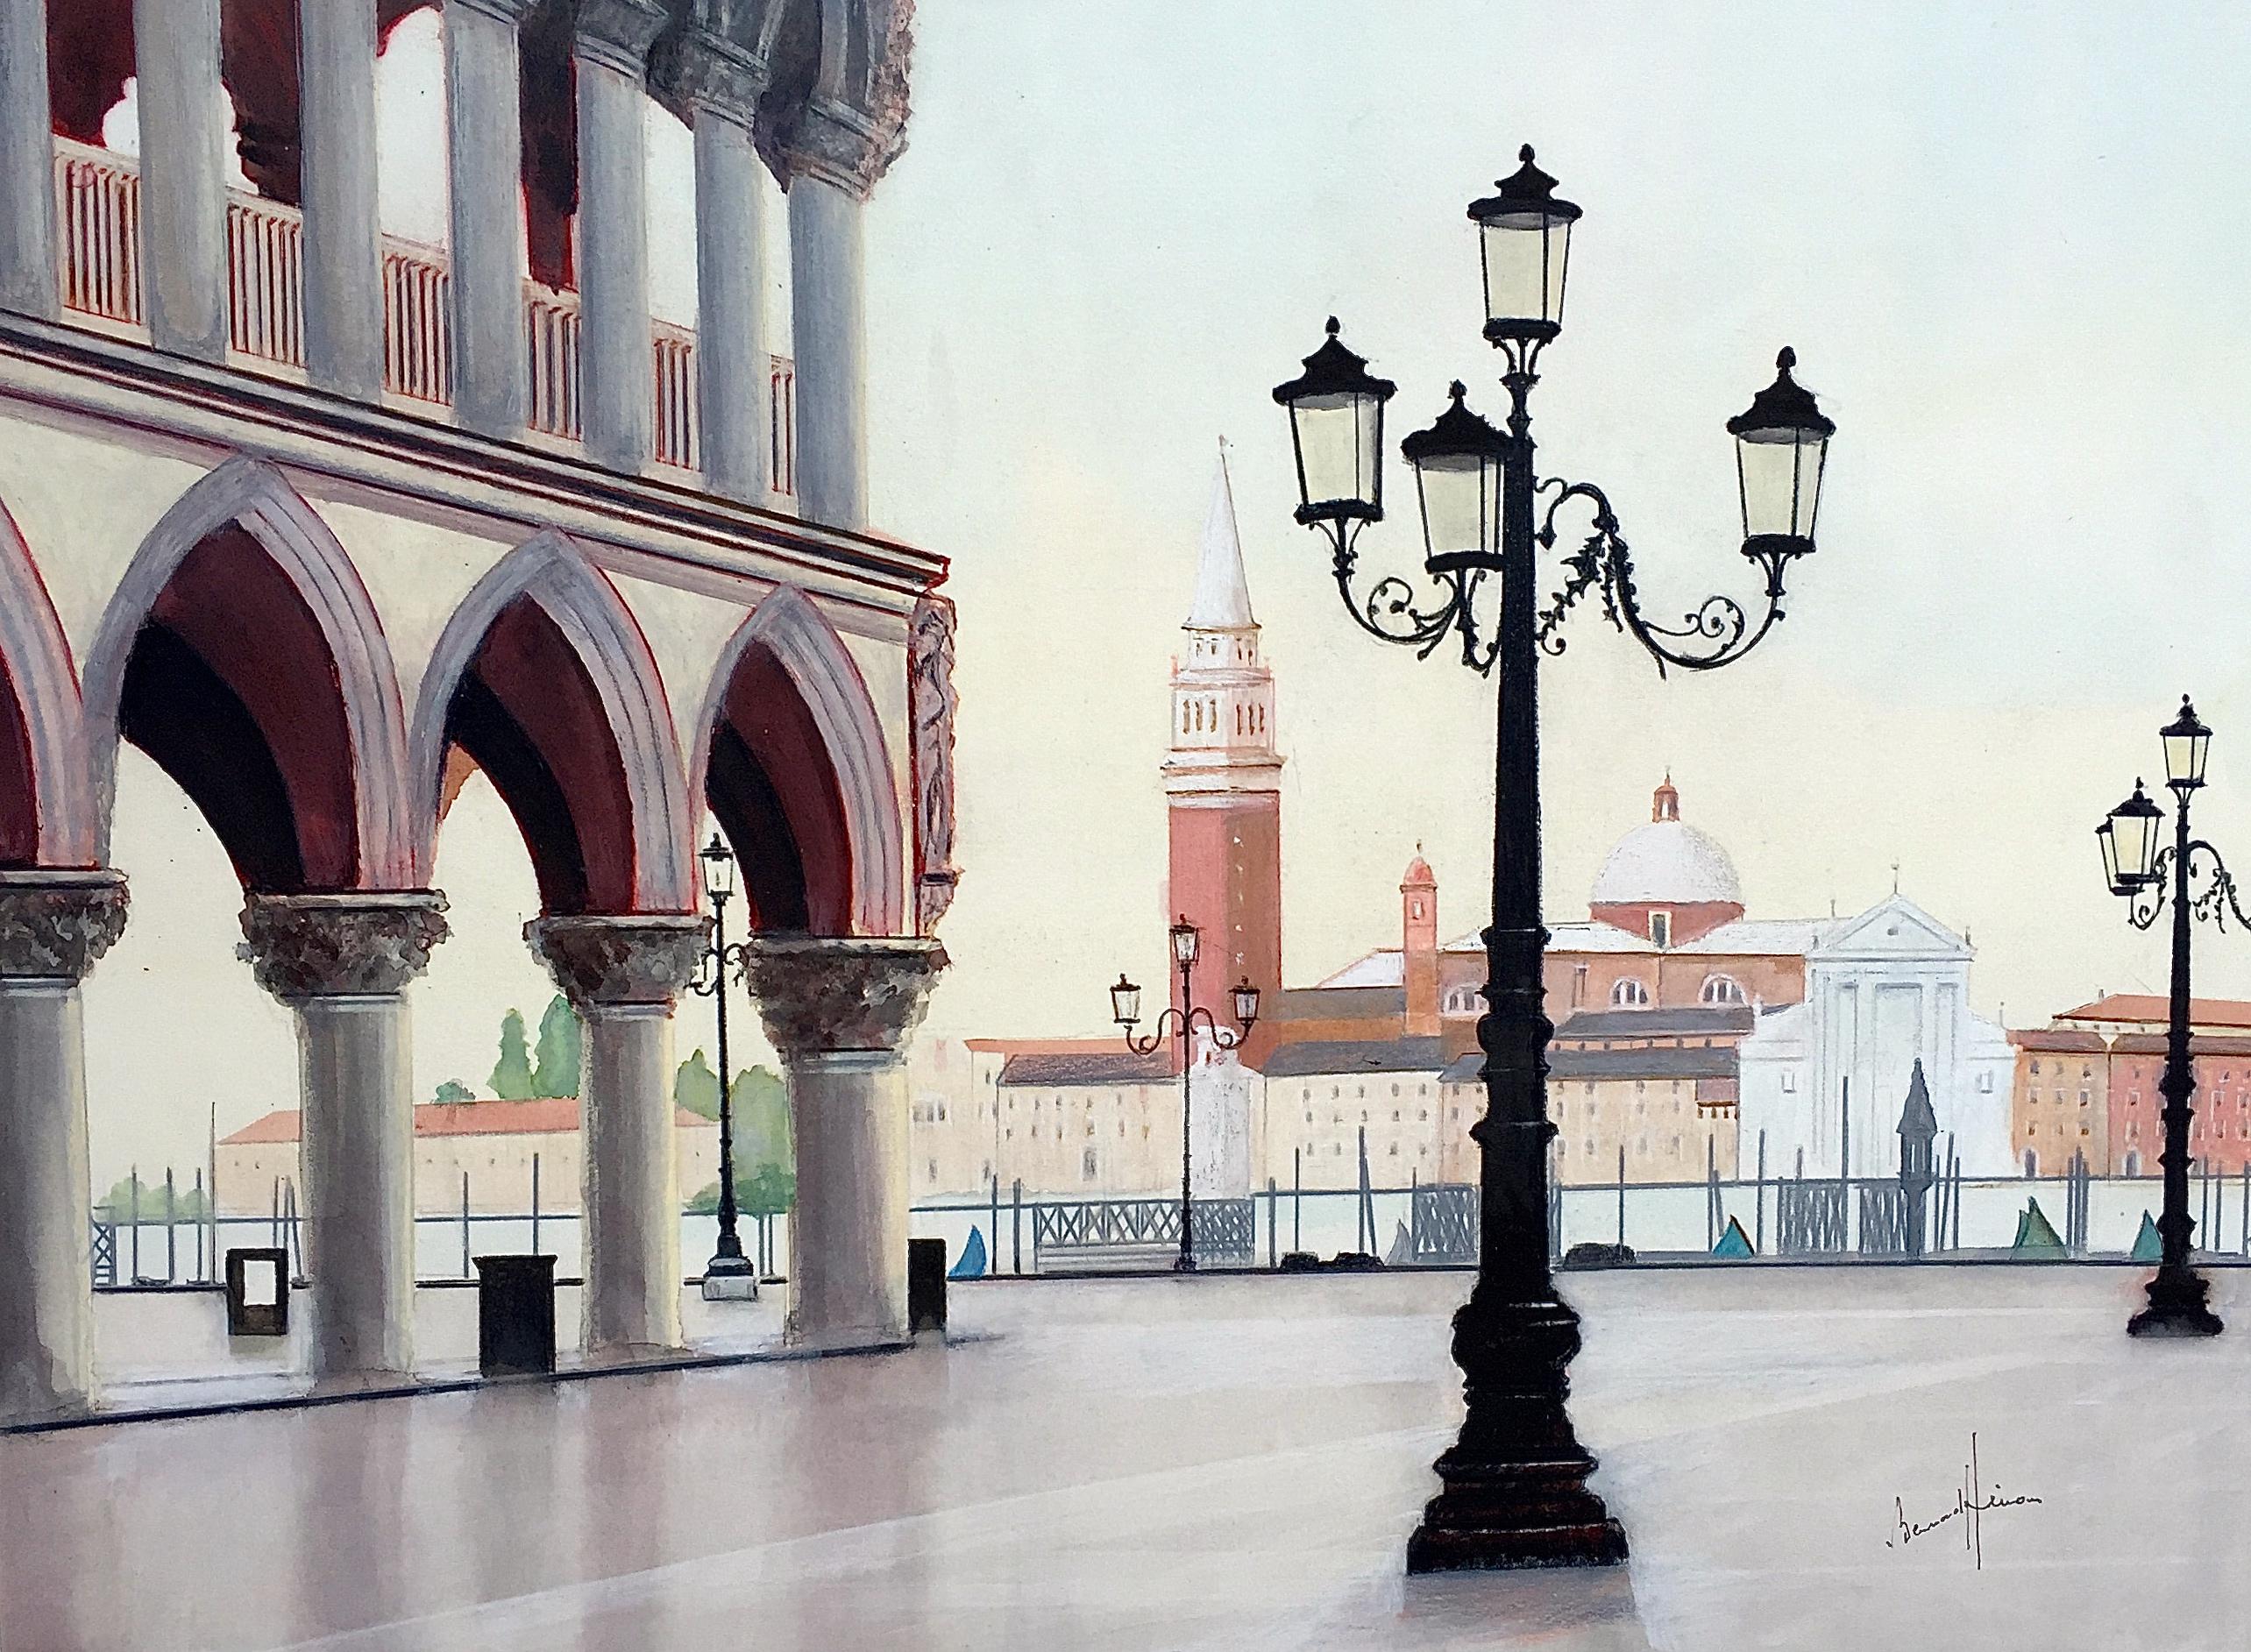 Venise - Le Palais des Doges